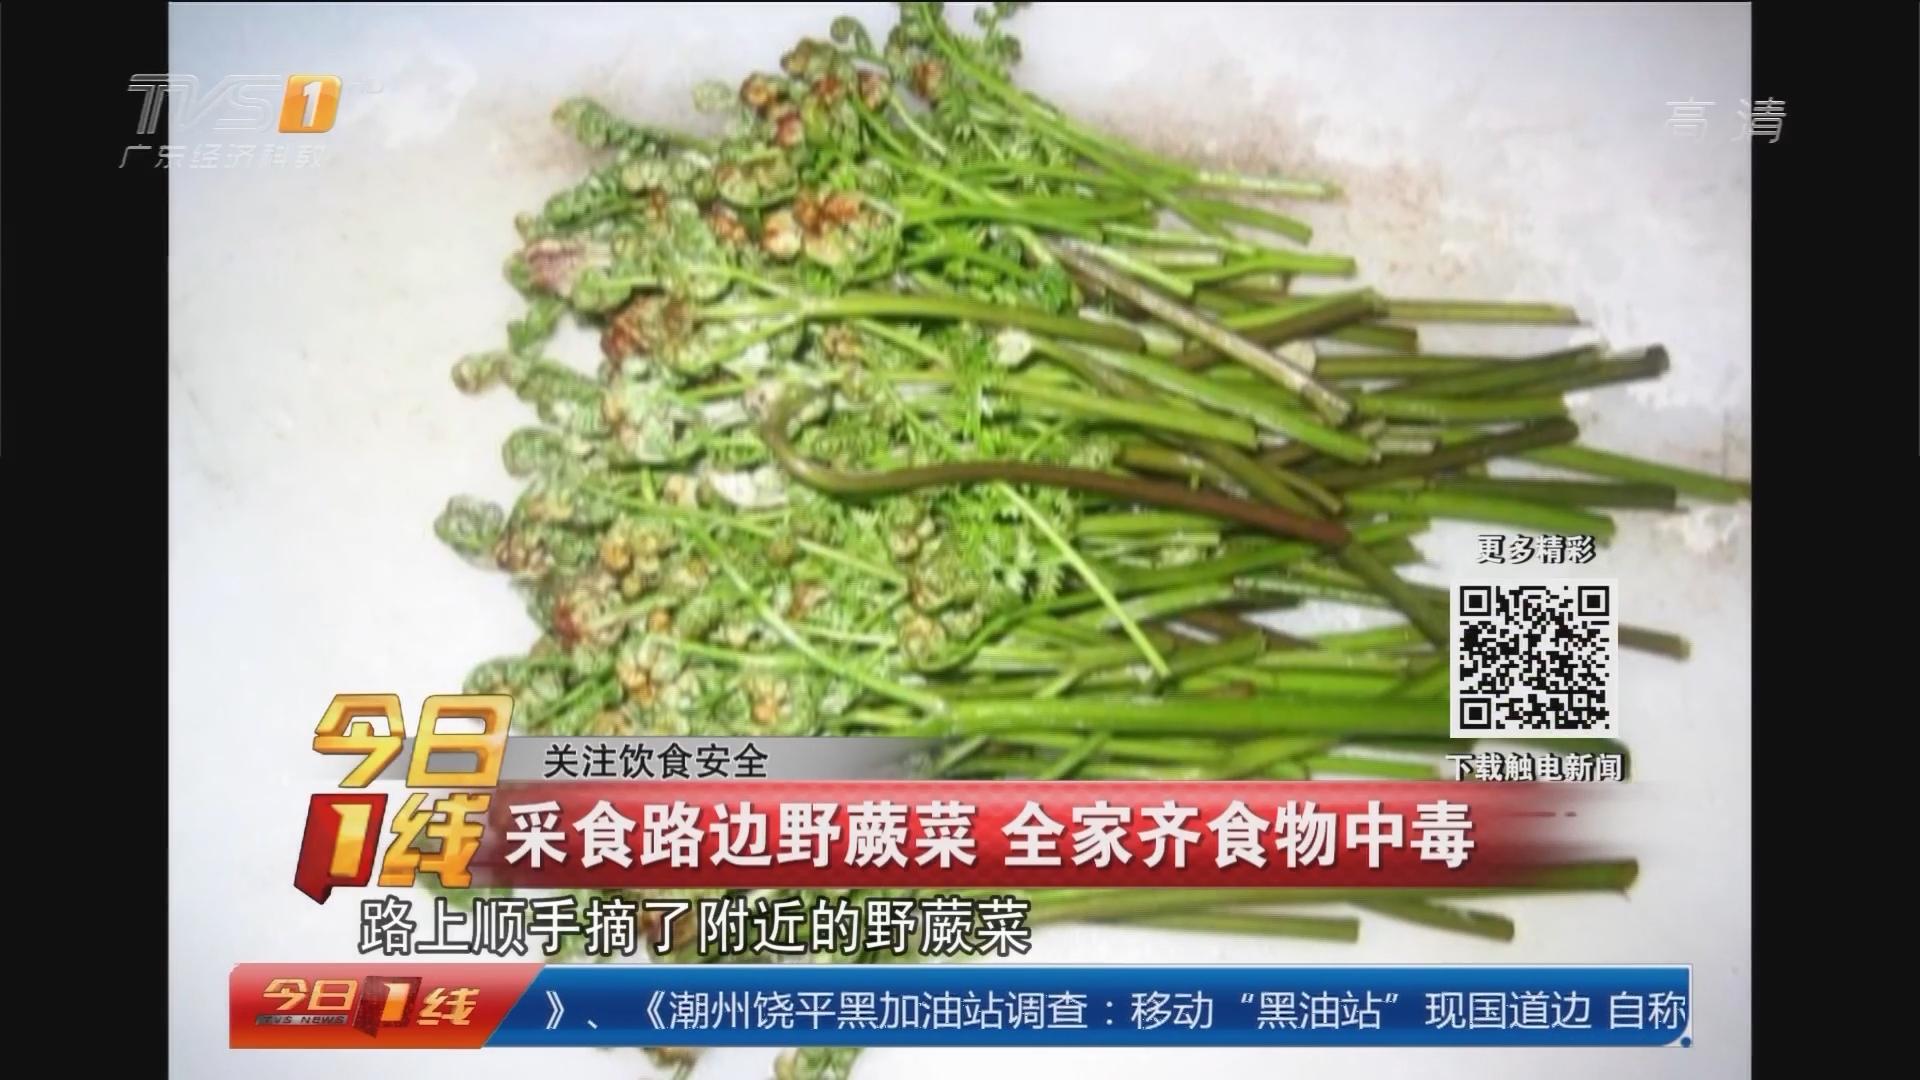 关注饮食安全:采食路边野蕨菜 全家齐食物中毒